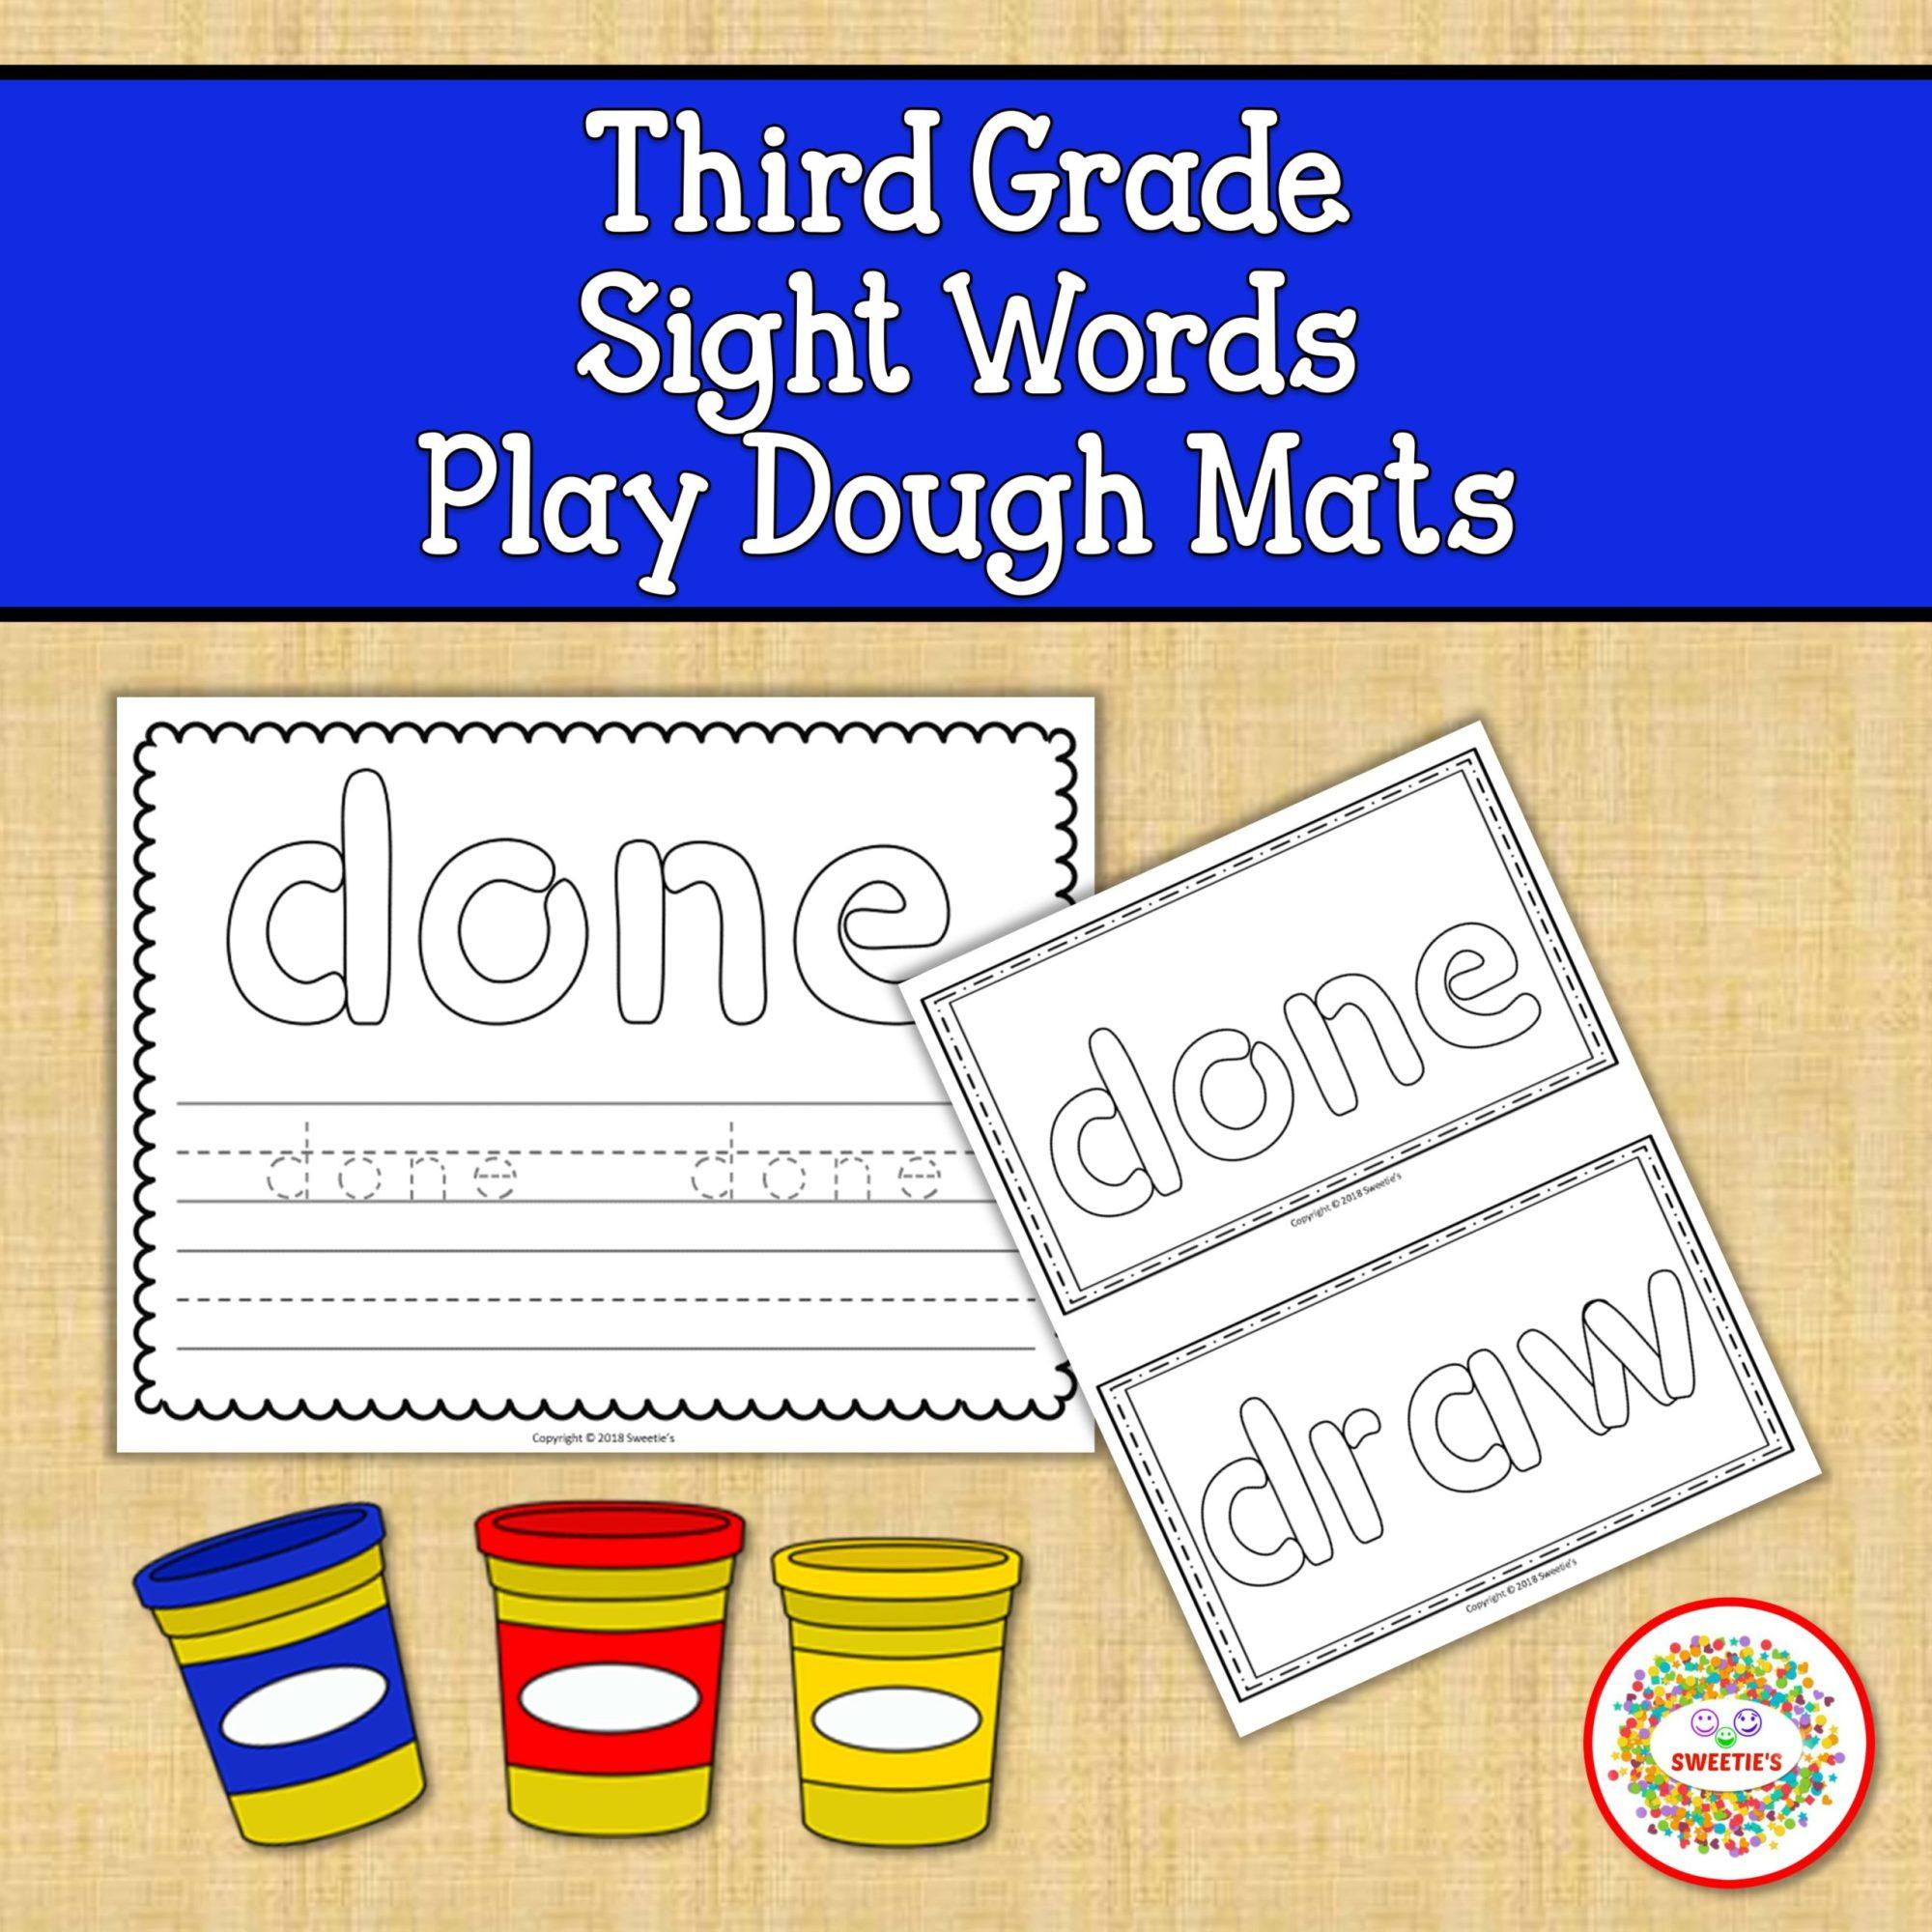 hight resolution of Playdough Sight Word Mats Third Grade - Made By Teachers